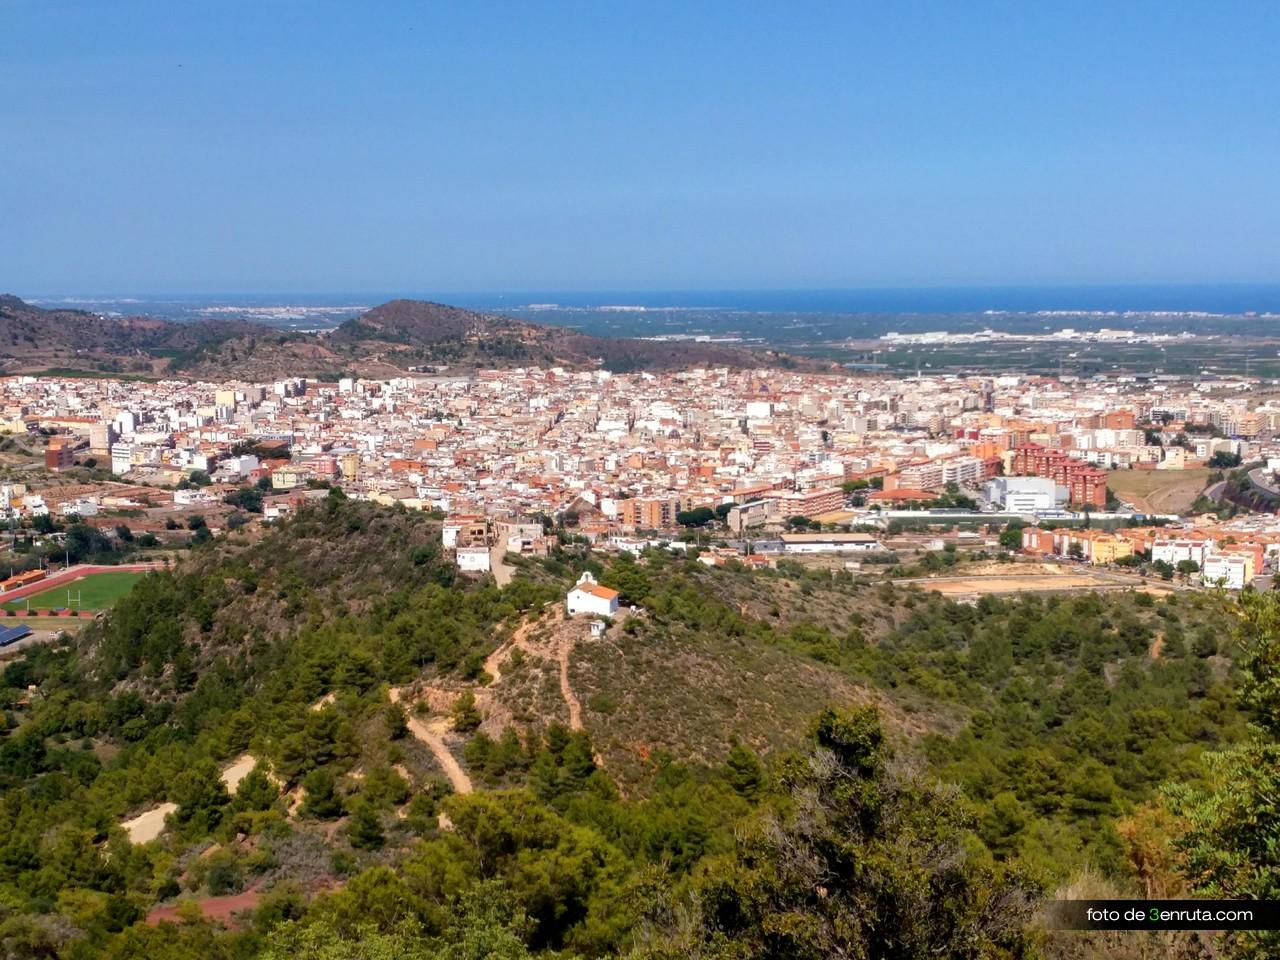 Vista de la Ermita de Sant Antoni y la Vall d'Uixó desde la senda de subida